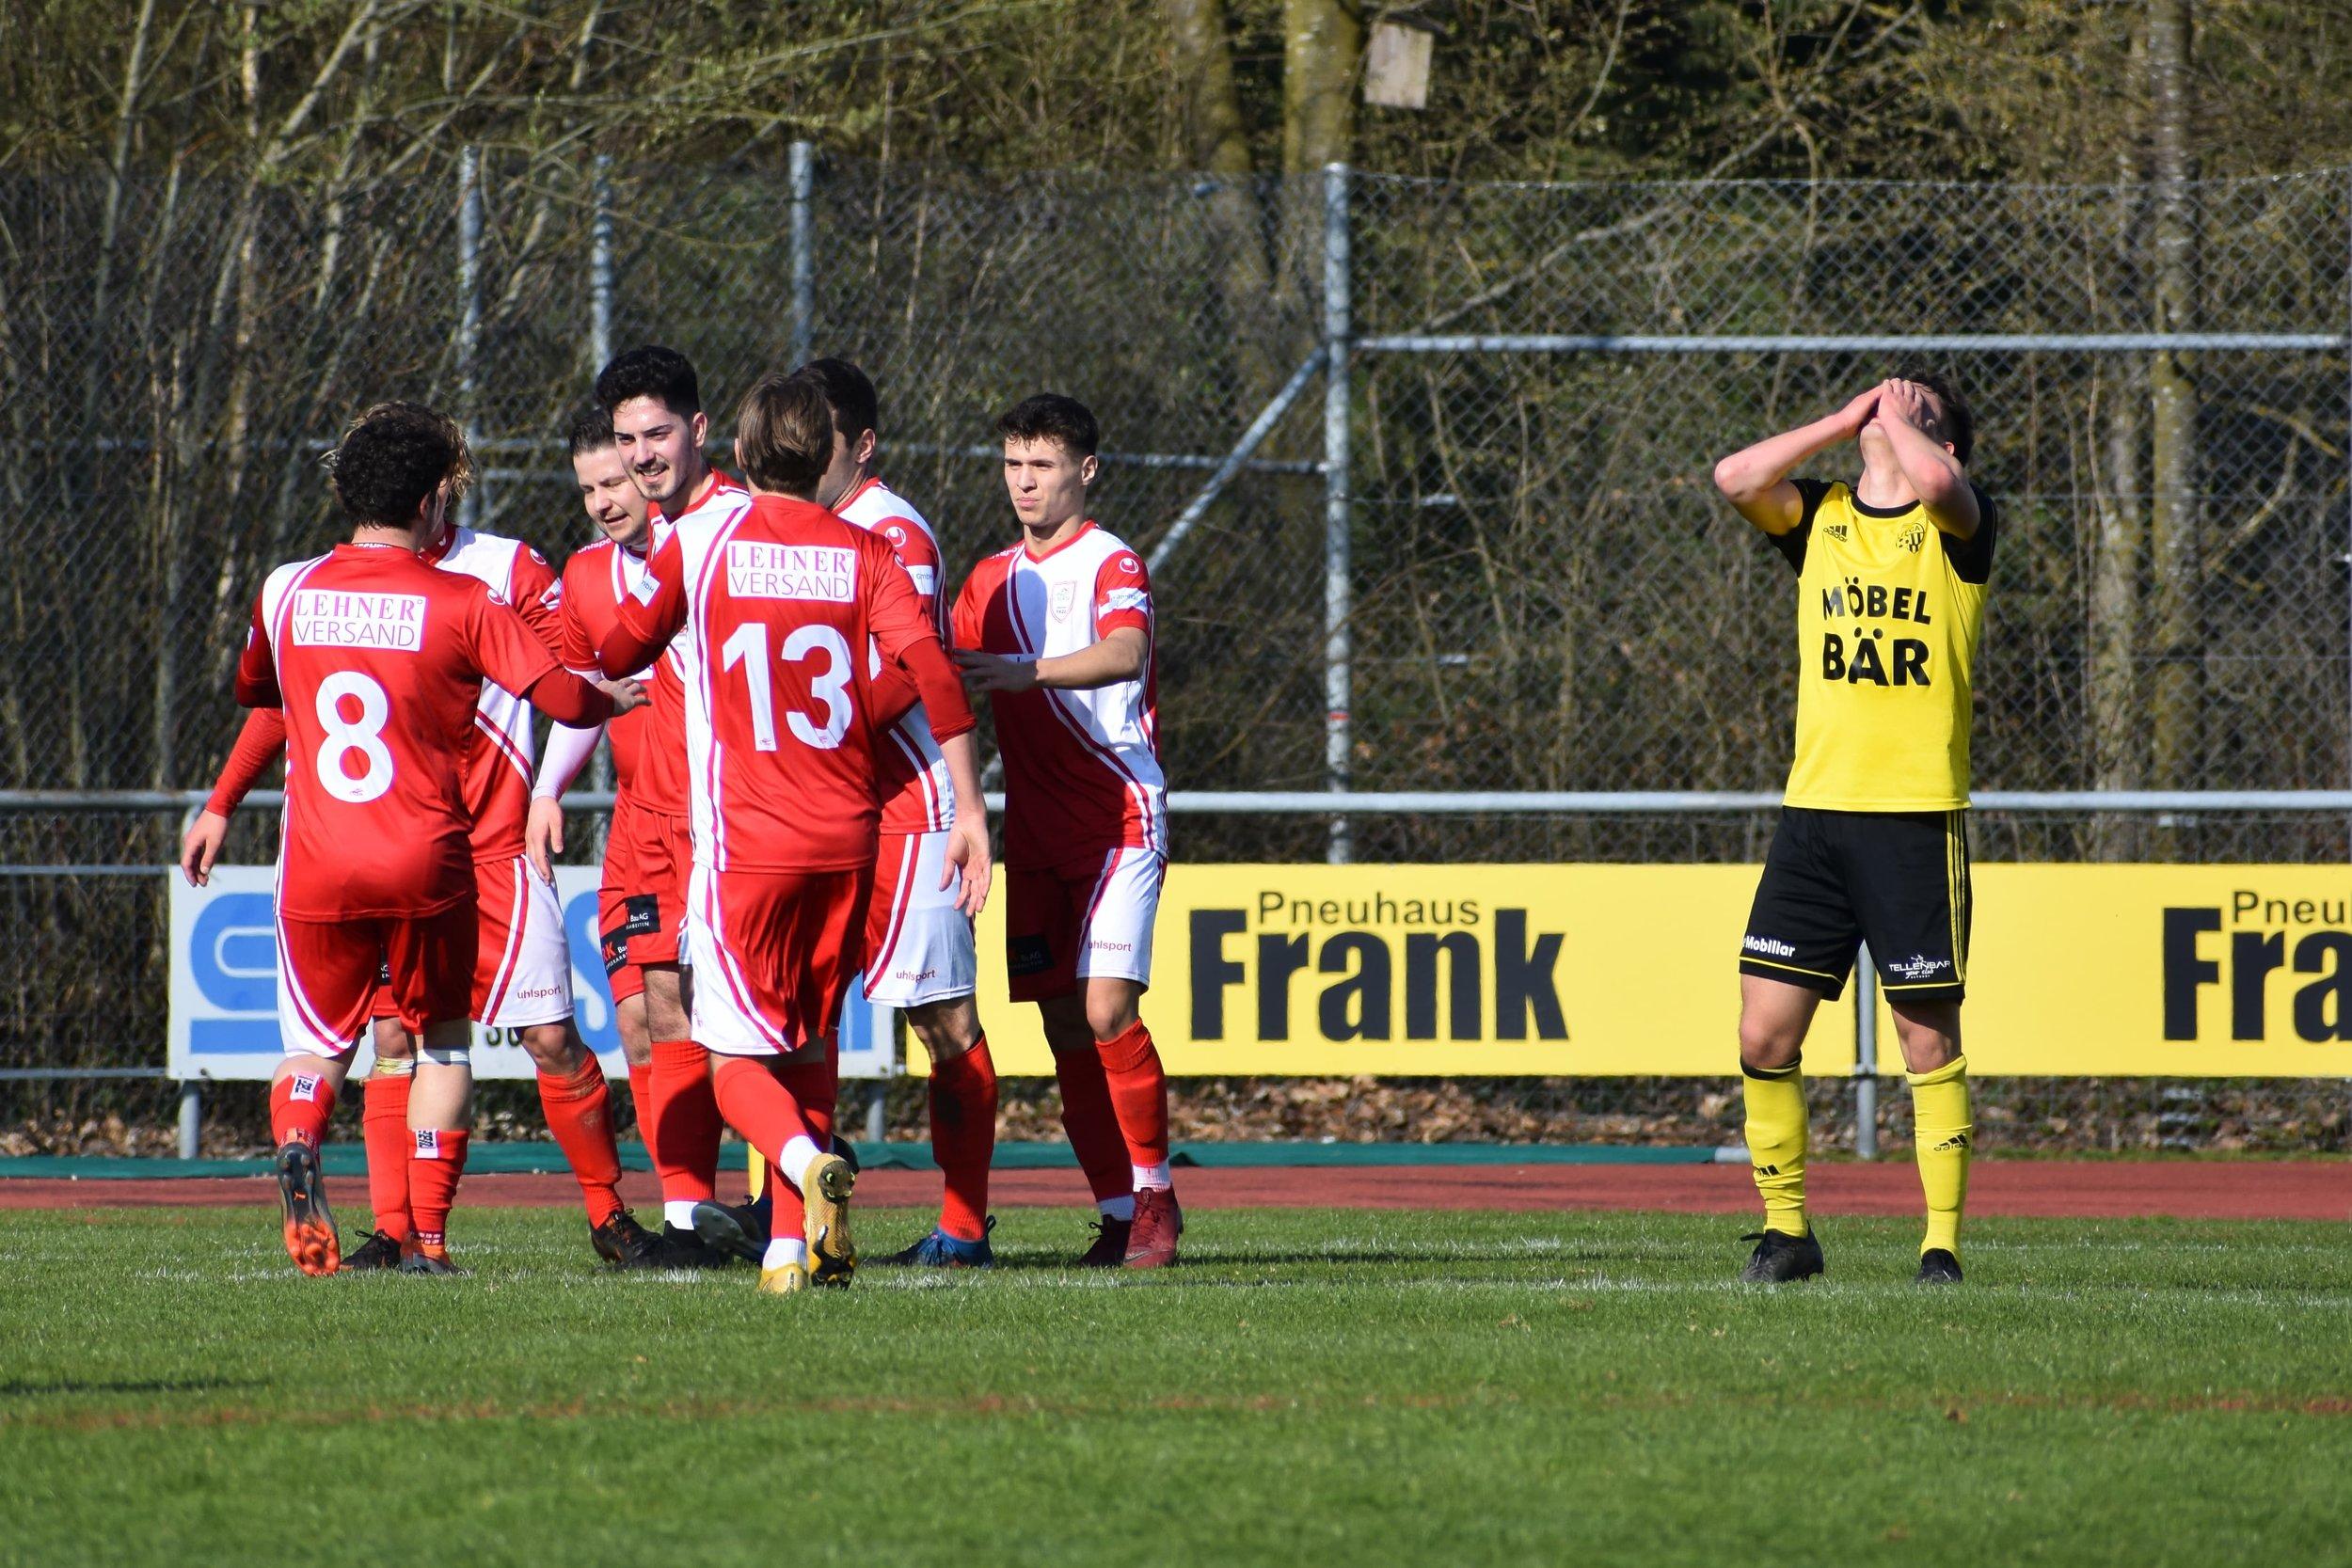 Die Spieler des FC Sursee bejubeln den 1-0 Führungstreffer. Foto: Ronny Arnold